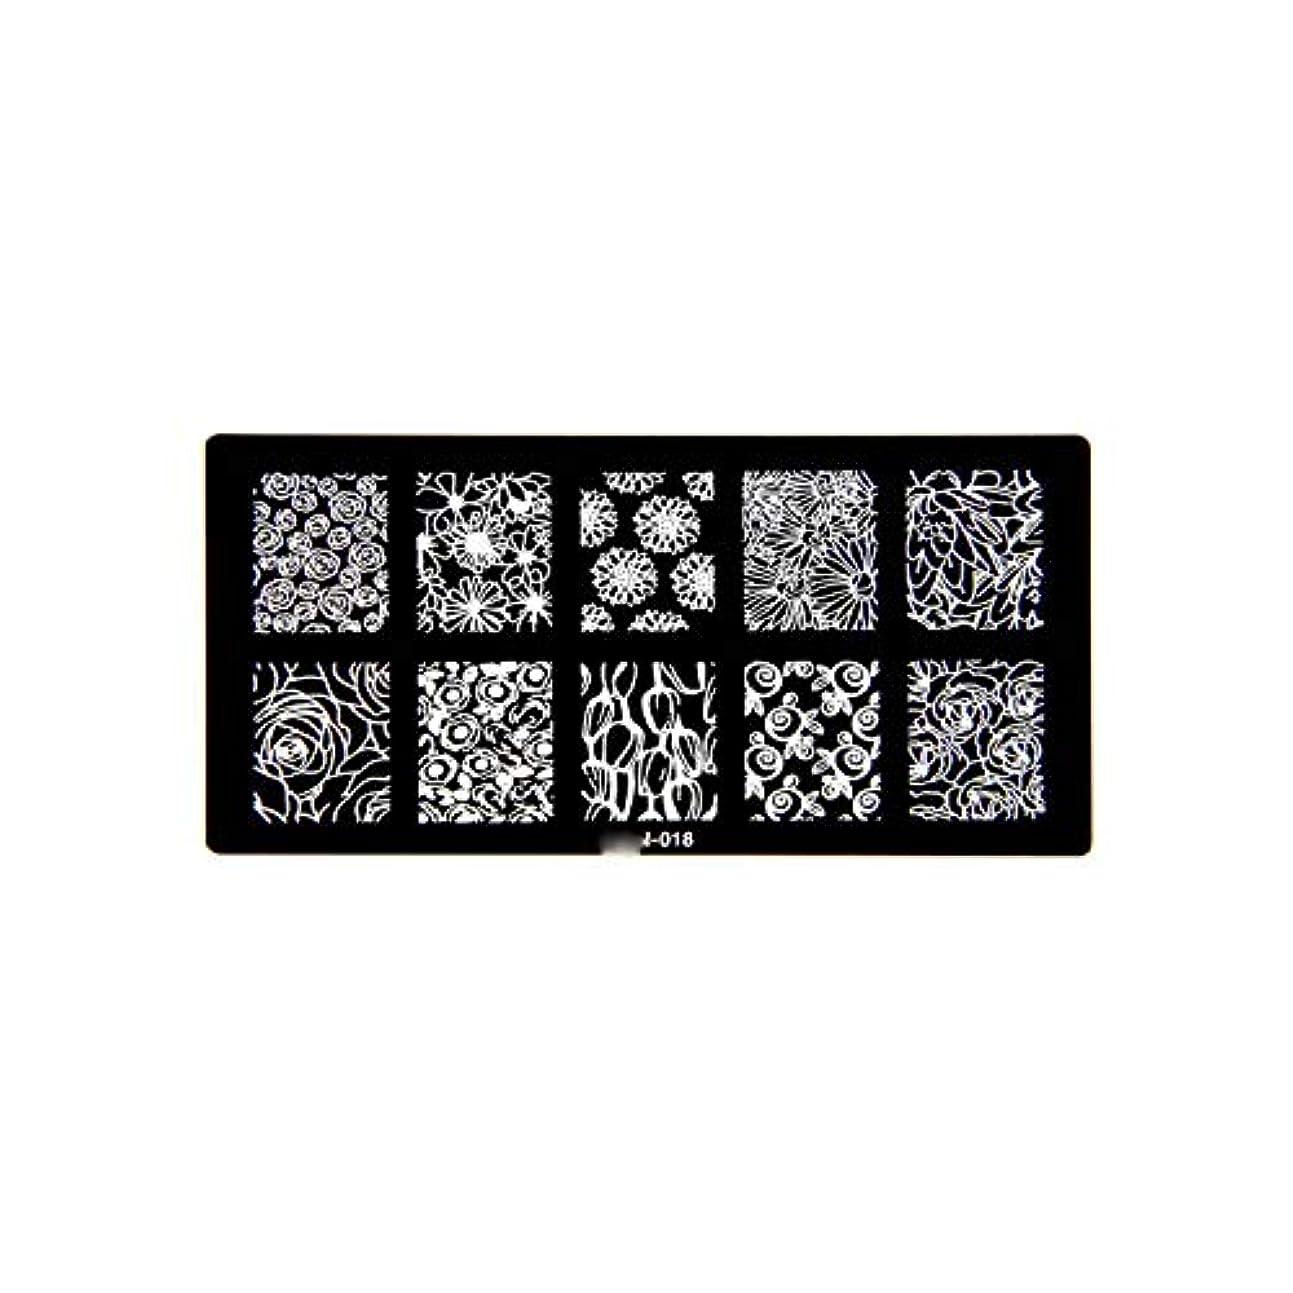 ベル日帰り旅行にブリッジ1ピース6 * 12センチbcnシリーズネイルスタンピングプレート画像ネイルステンシル用ネイルアートスタンプマニキュアテンプレートツール,BCN018